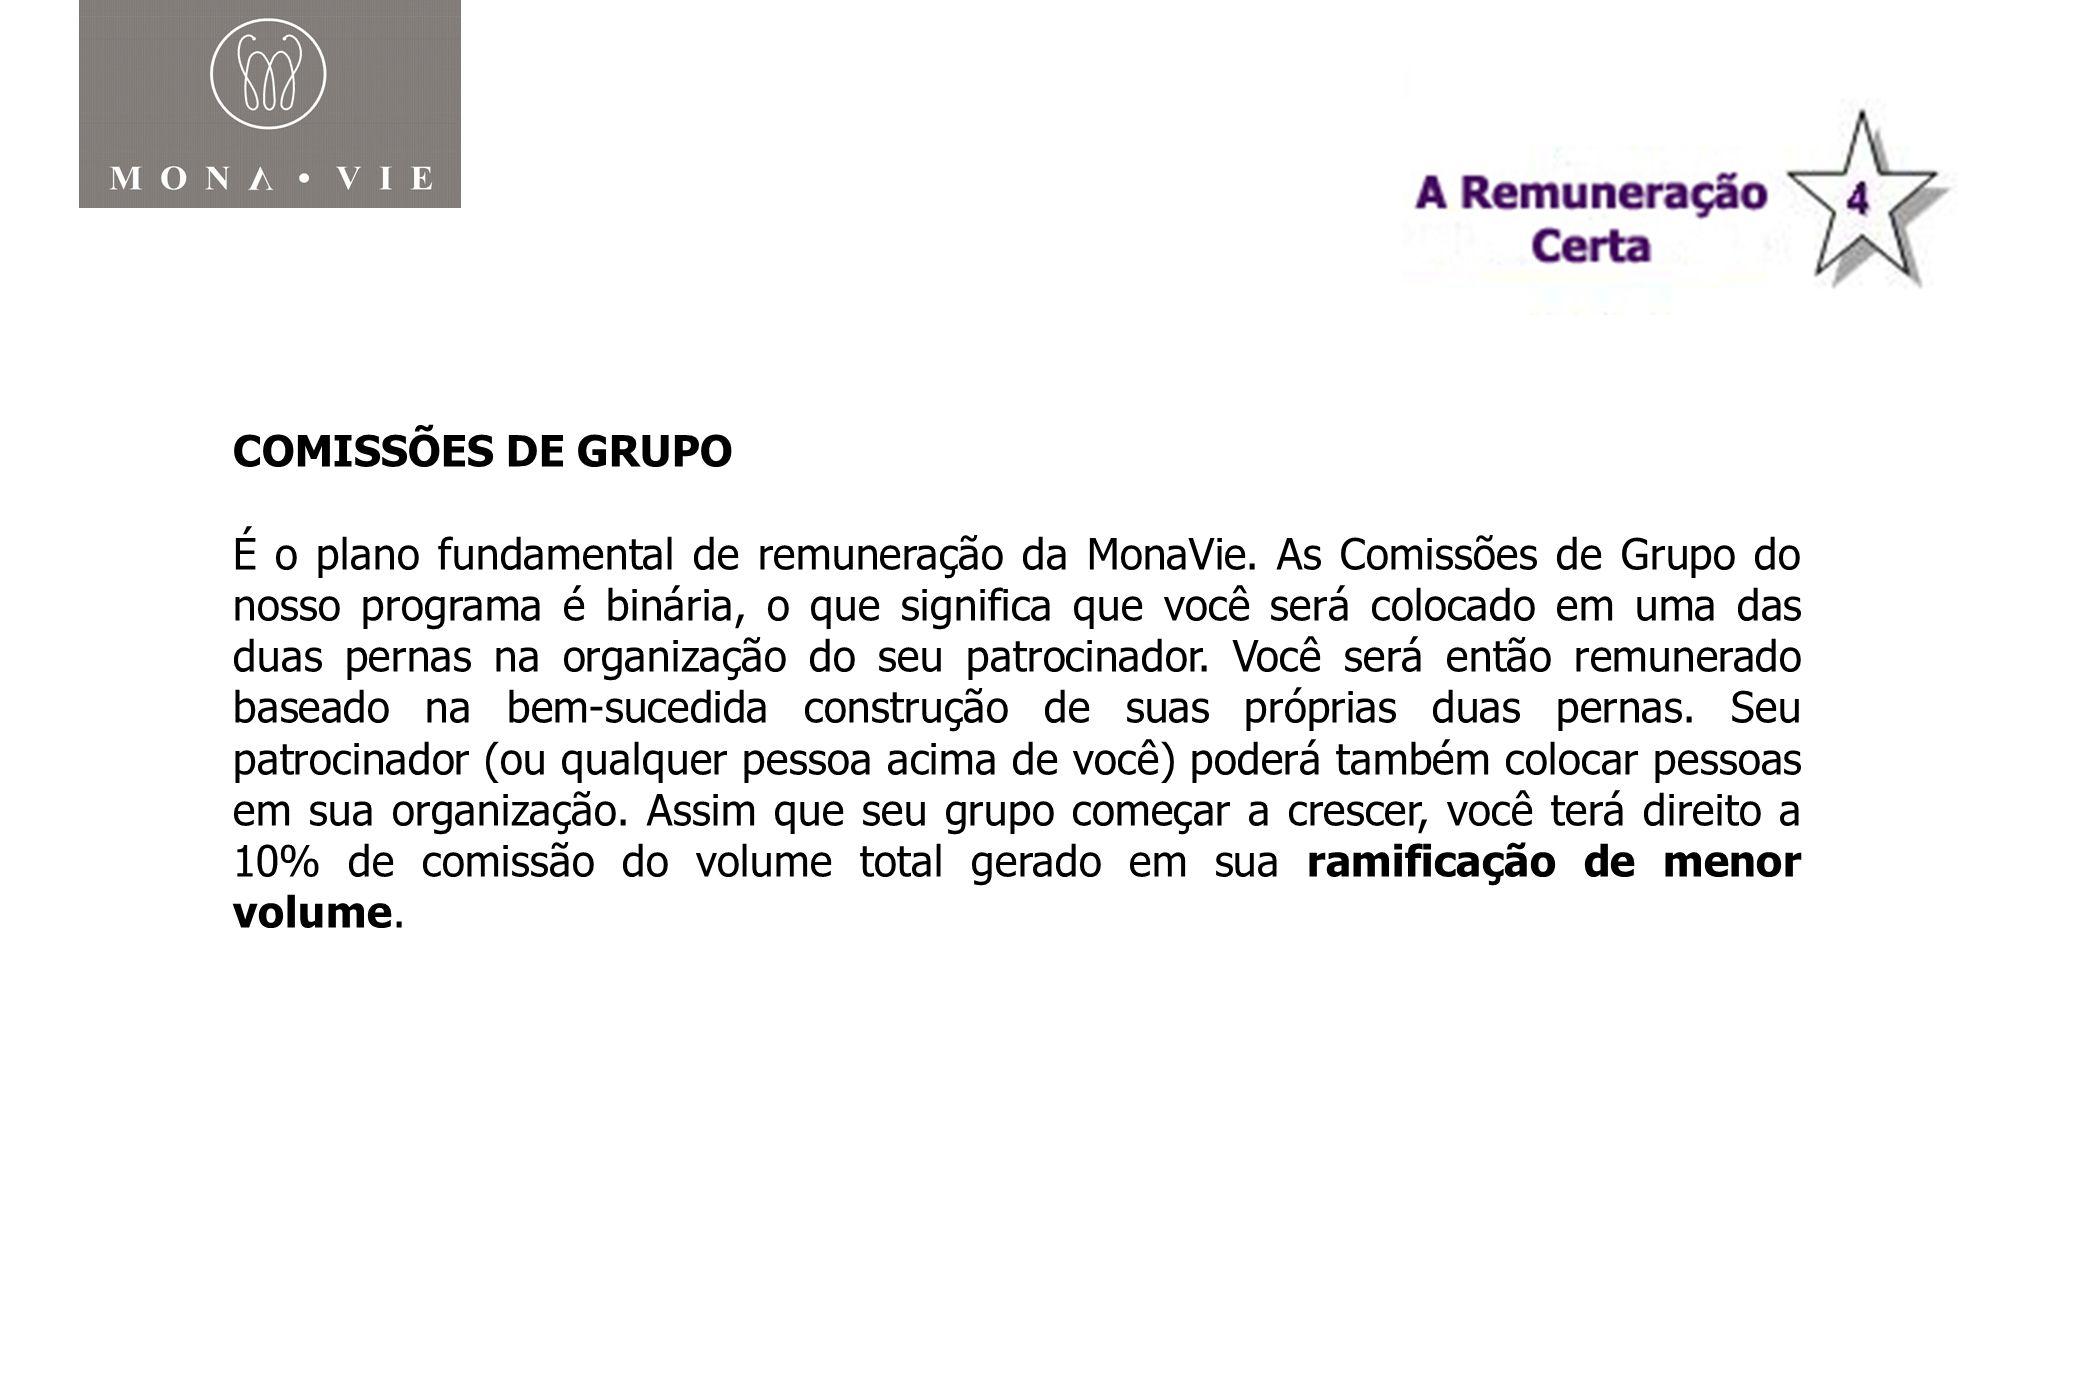 Plano de Compensação Monavie COMISSÕES DE GRUPO É o plano fundamental de remuneração da MonaVie. As Comissões de Grupo do nosso programa é binária, o